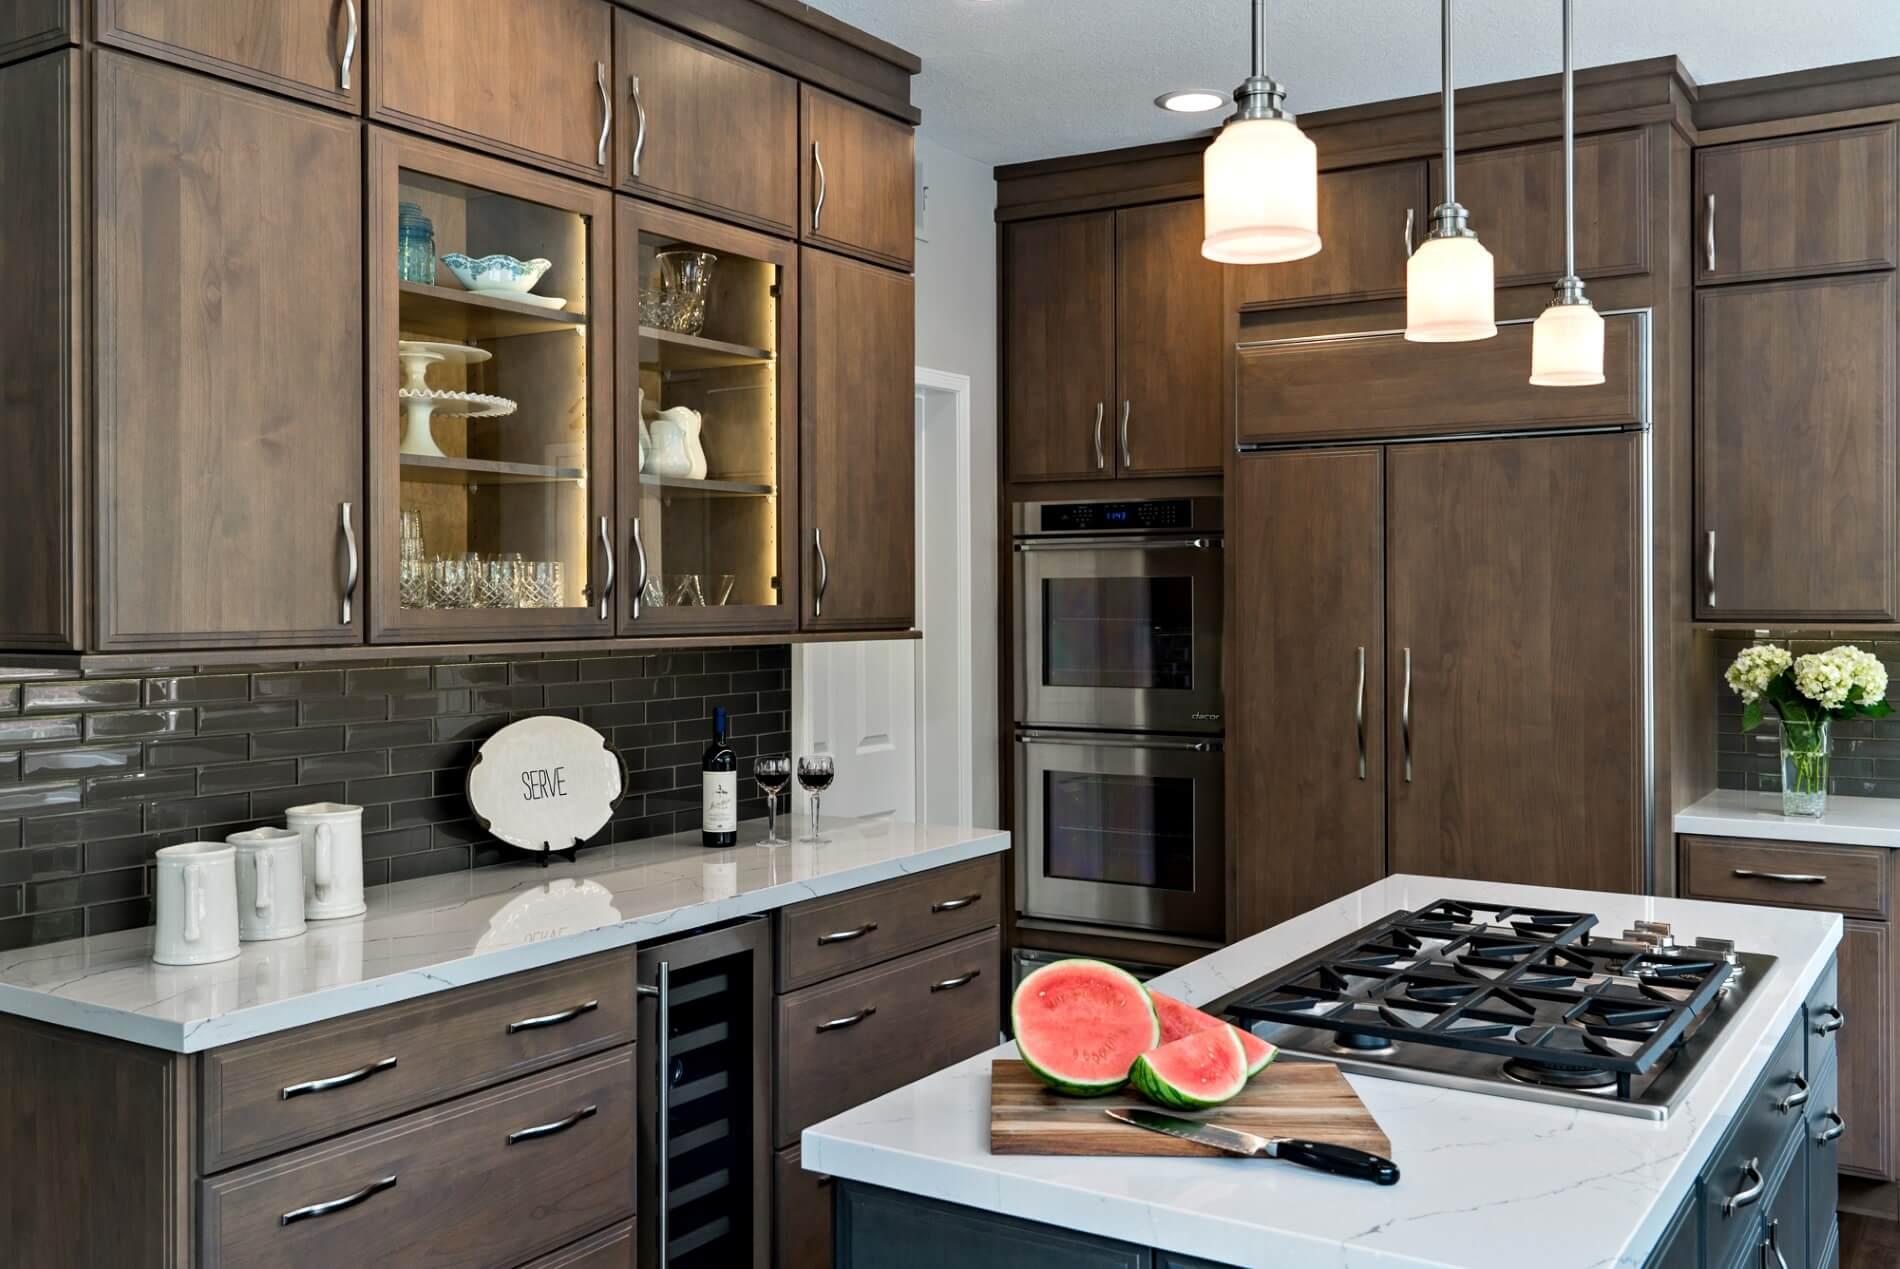 Dark Kitchen Design Orange County, Orange County Remodeled Kitchen, Luxury Kitchen Design